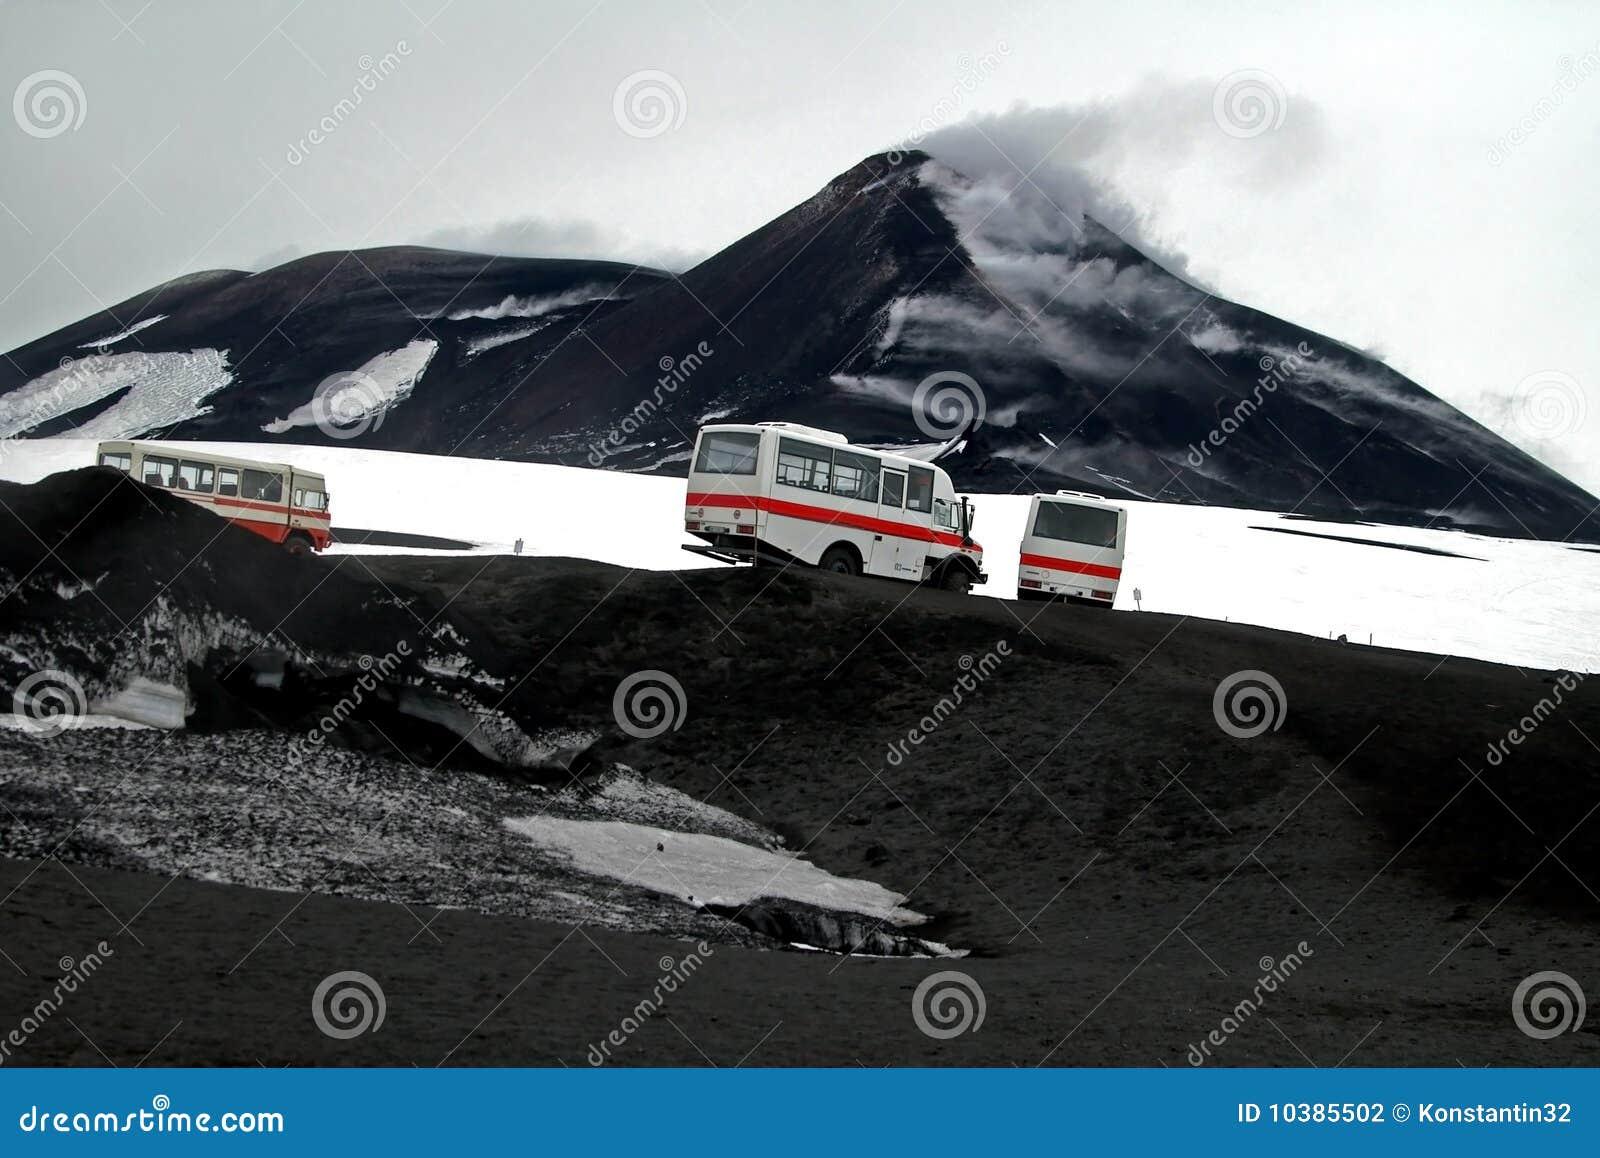 Eruption Mount Etna